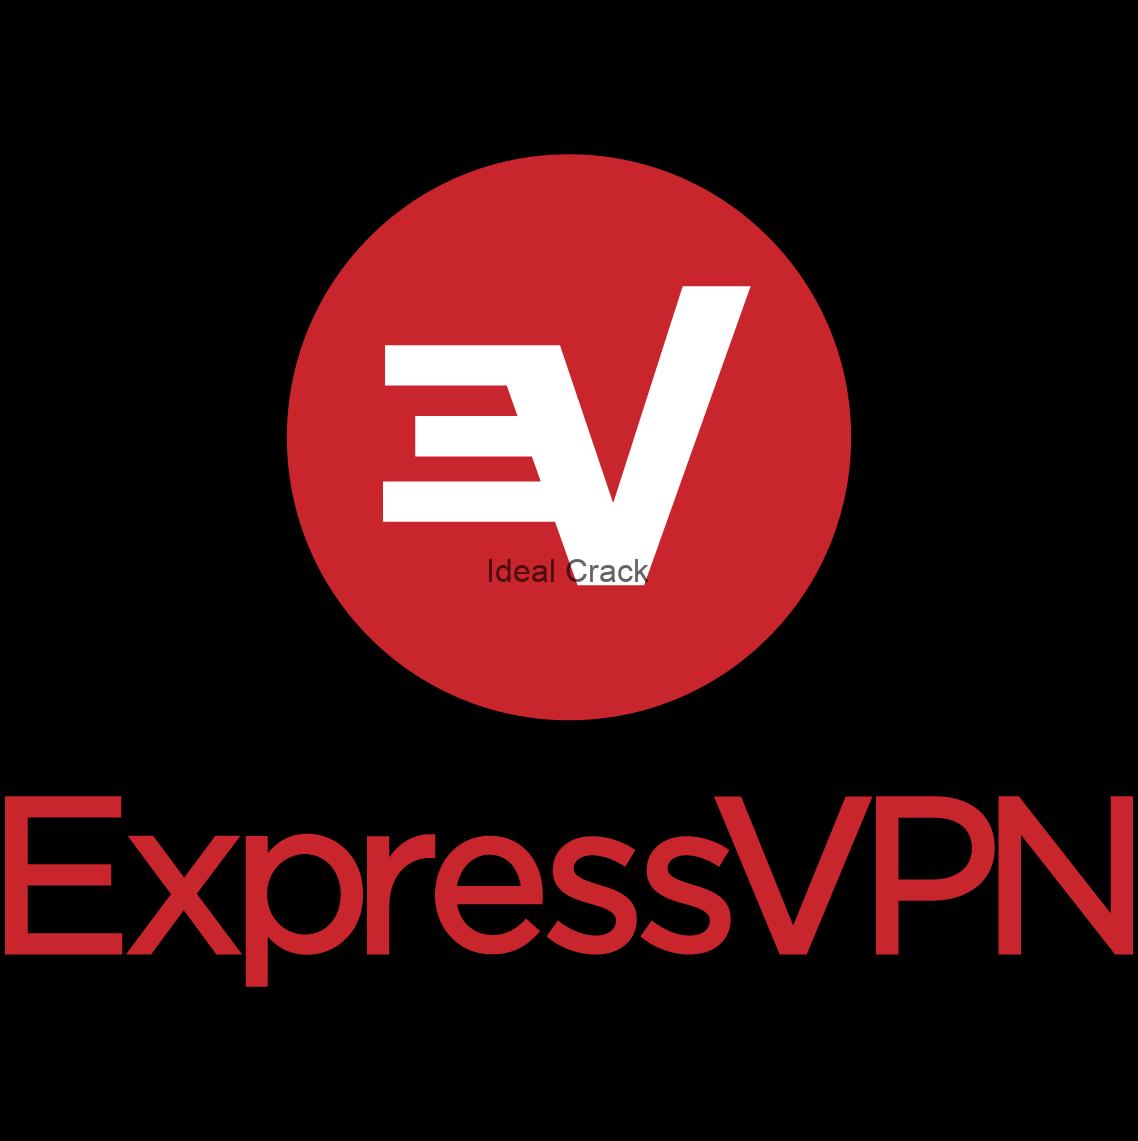 ExpressVPN Crack With License Key Download 2019